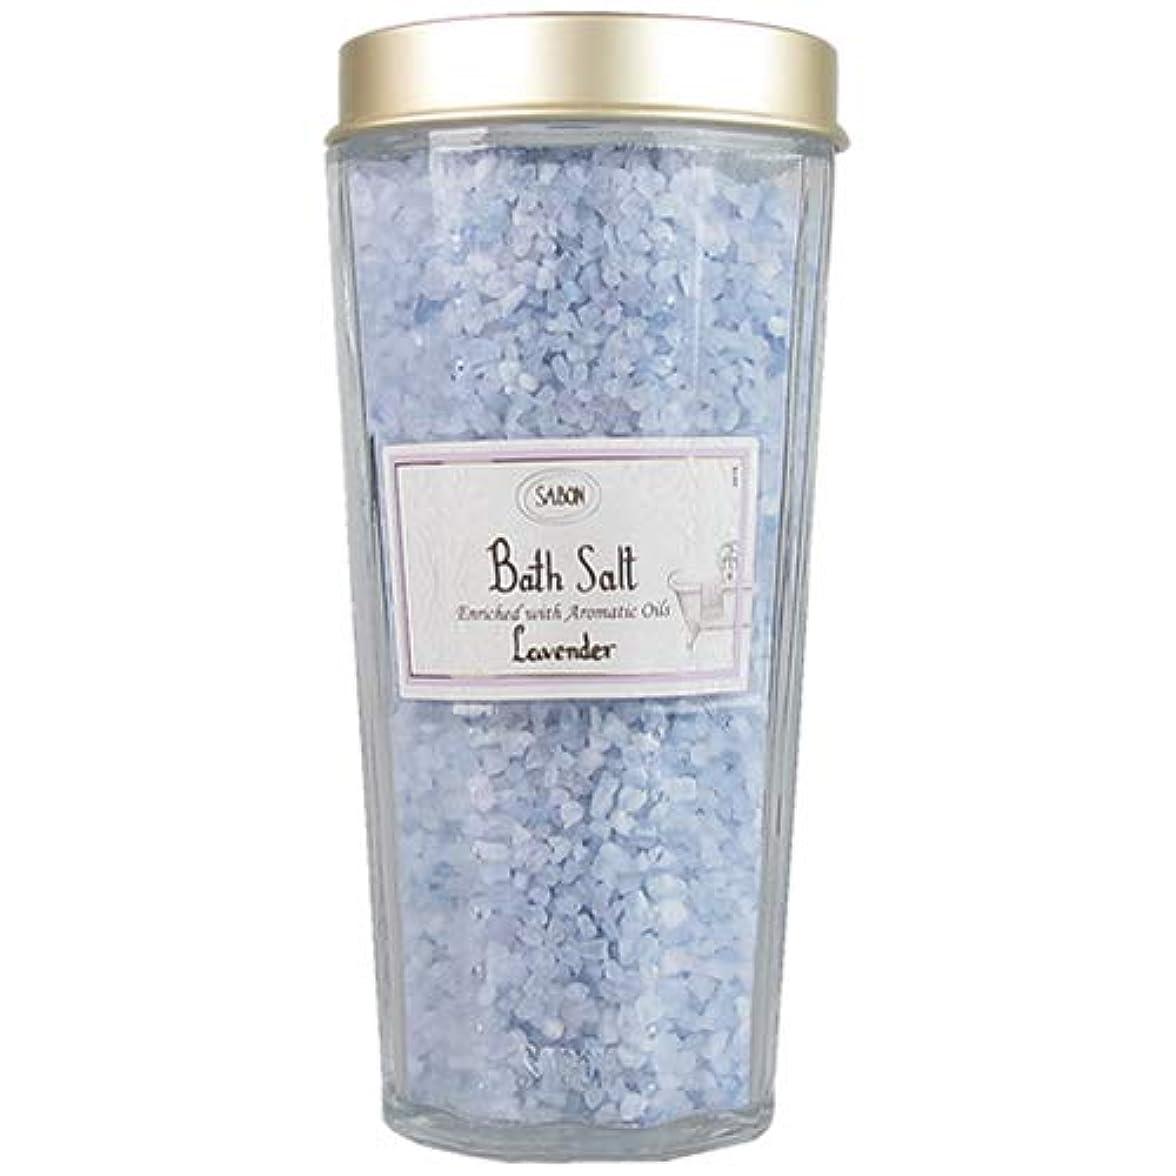 呼びかける水曜日閉じ込めるサボン バスソルト ラベンダー 350g SABON [入浴剤] Bath Salt [並行輸入品]